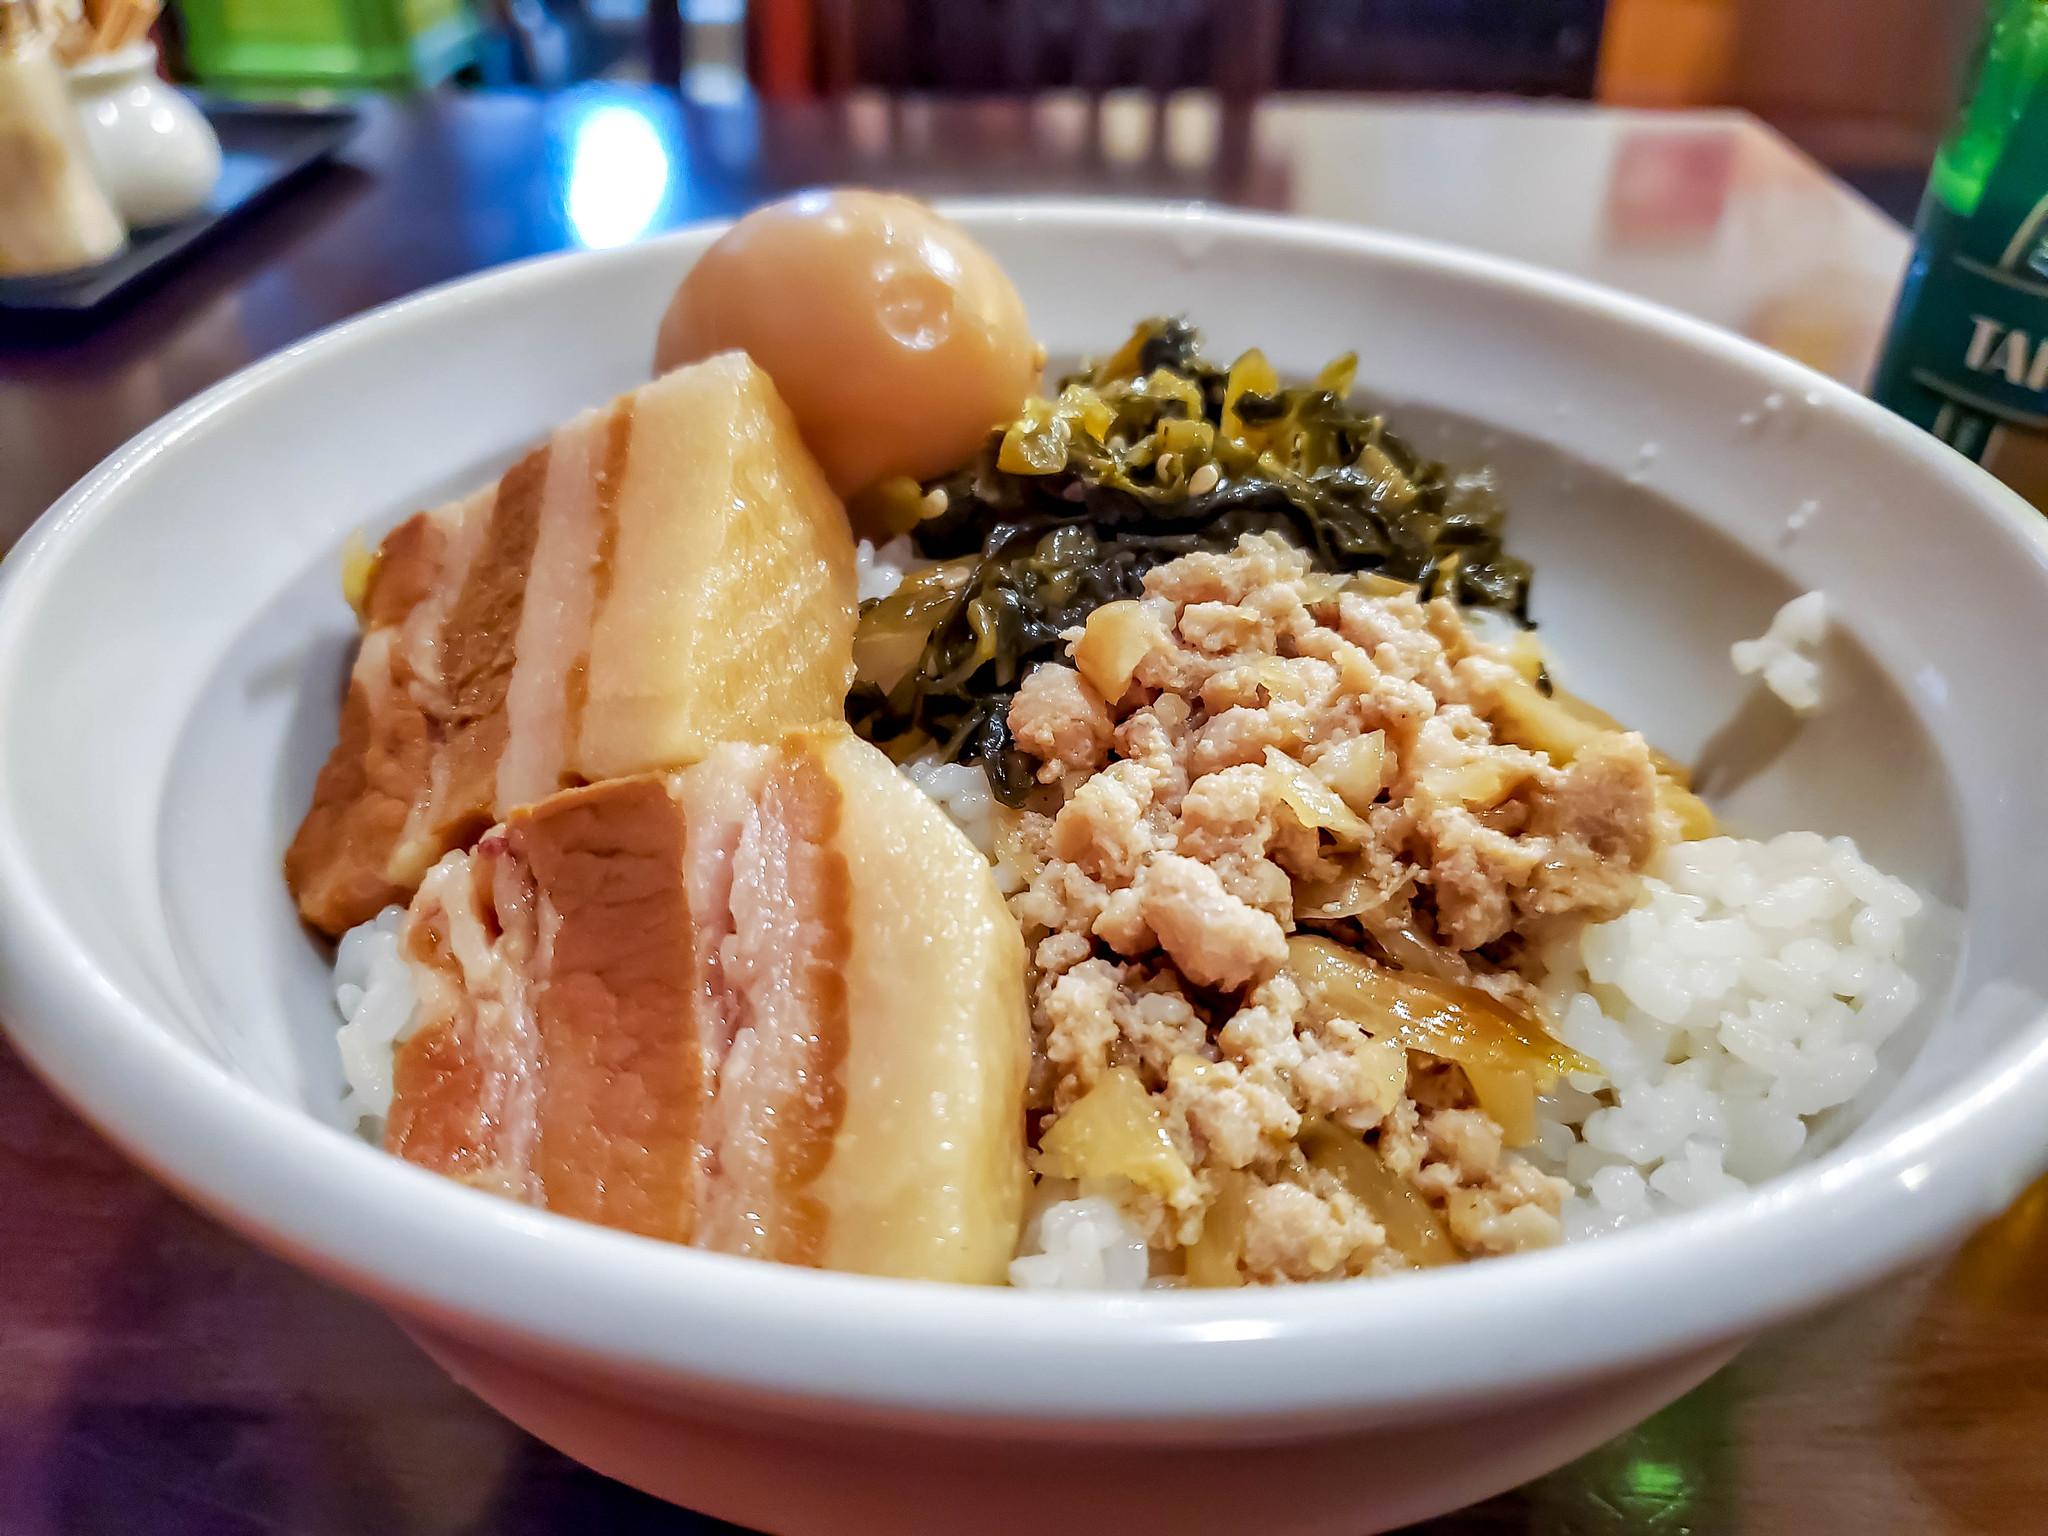 バラ肉の角煮とそぼろの合掛け魯肉飯 中華街 秀味園